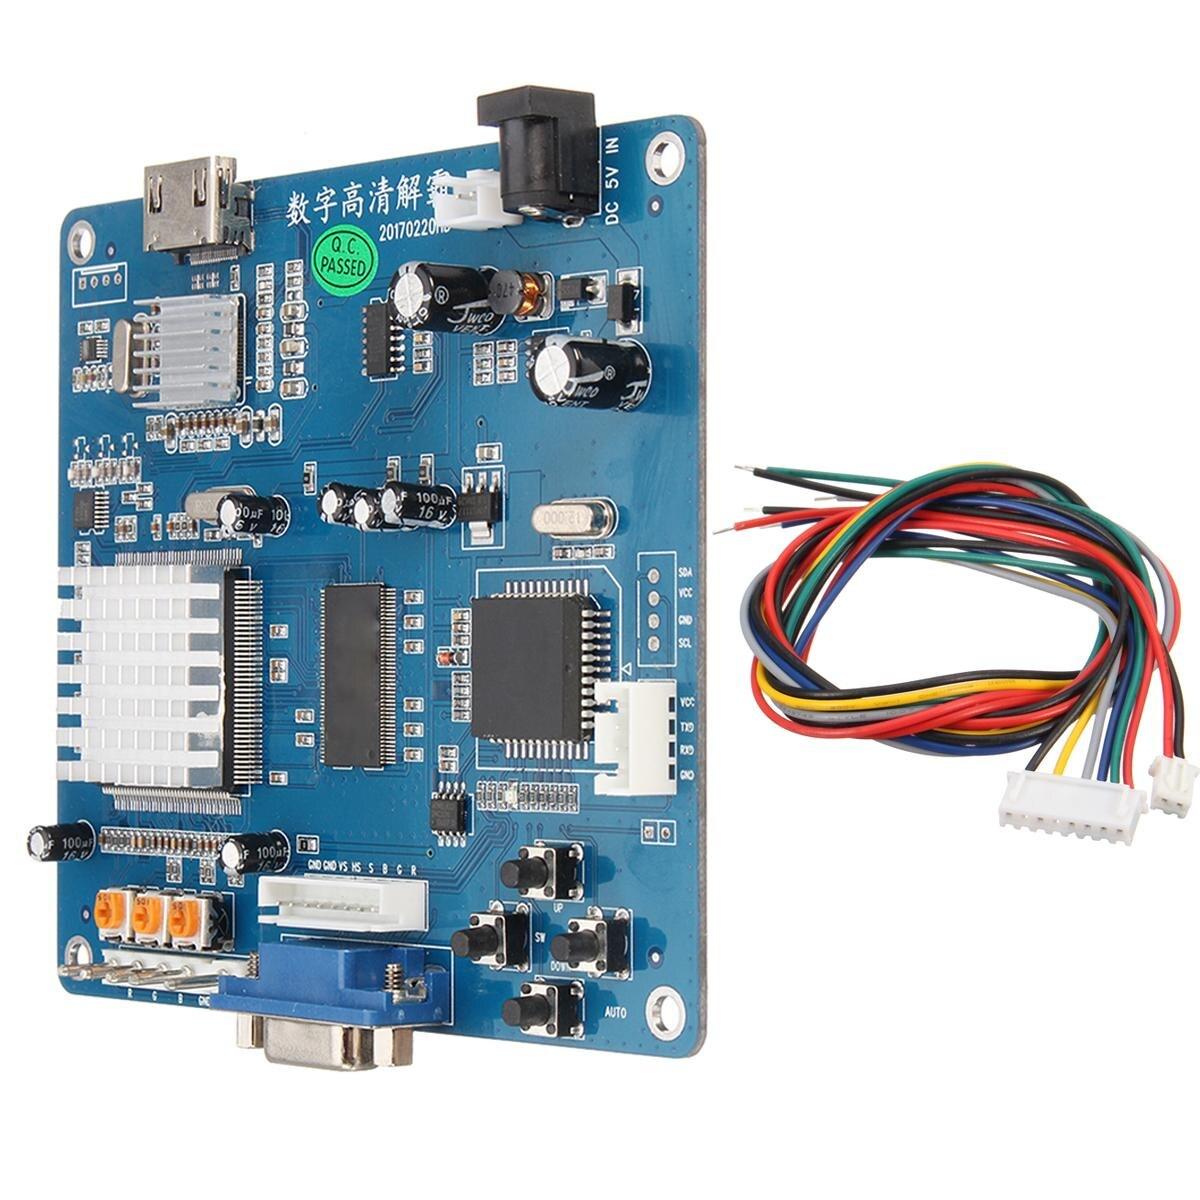 Jeu d'arcade VGA/RGB/CGA/EGA/YUV vers carte de convertisseur de sortie vidéo HD/Jamma carte de convertisseur de sortie vidéo de Machine de jeu d'arcade